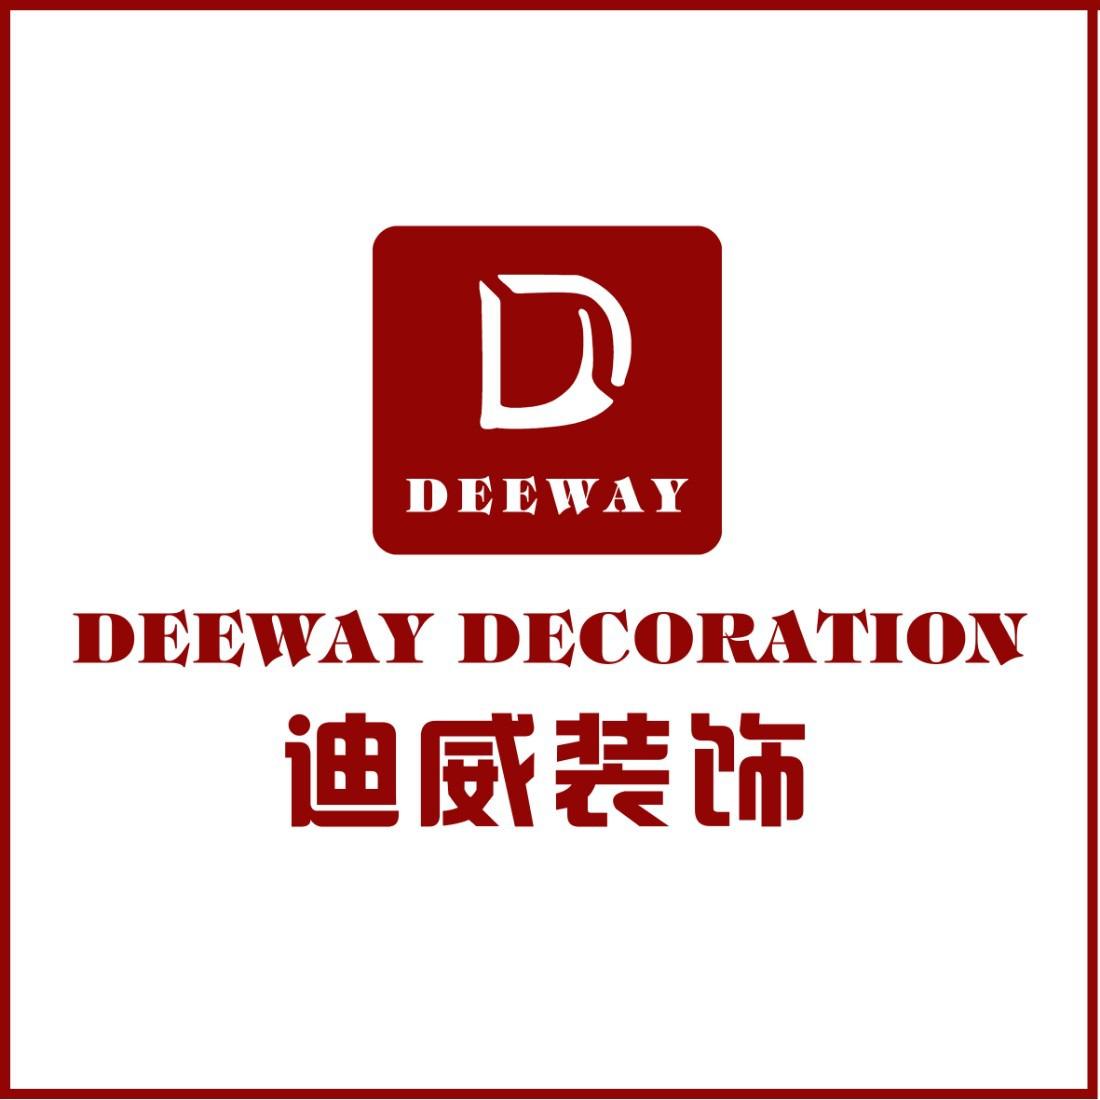 东方迪威(北京)建筑装饰设计有限公司